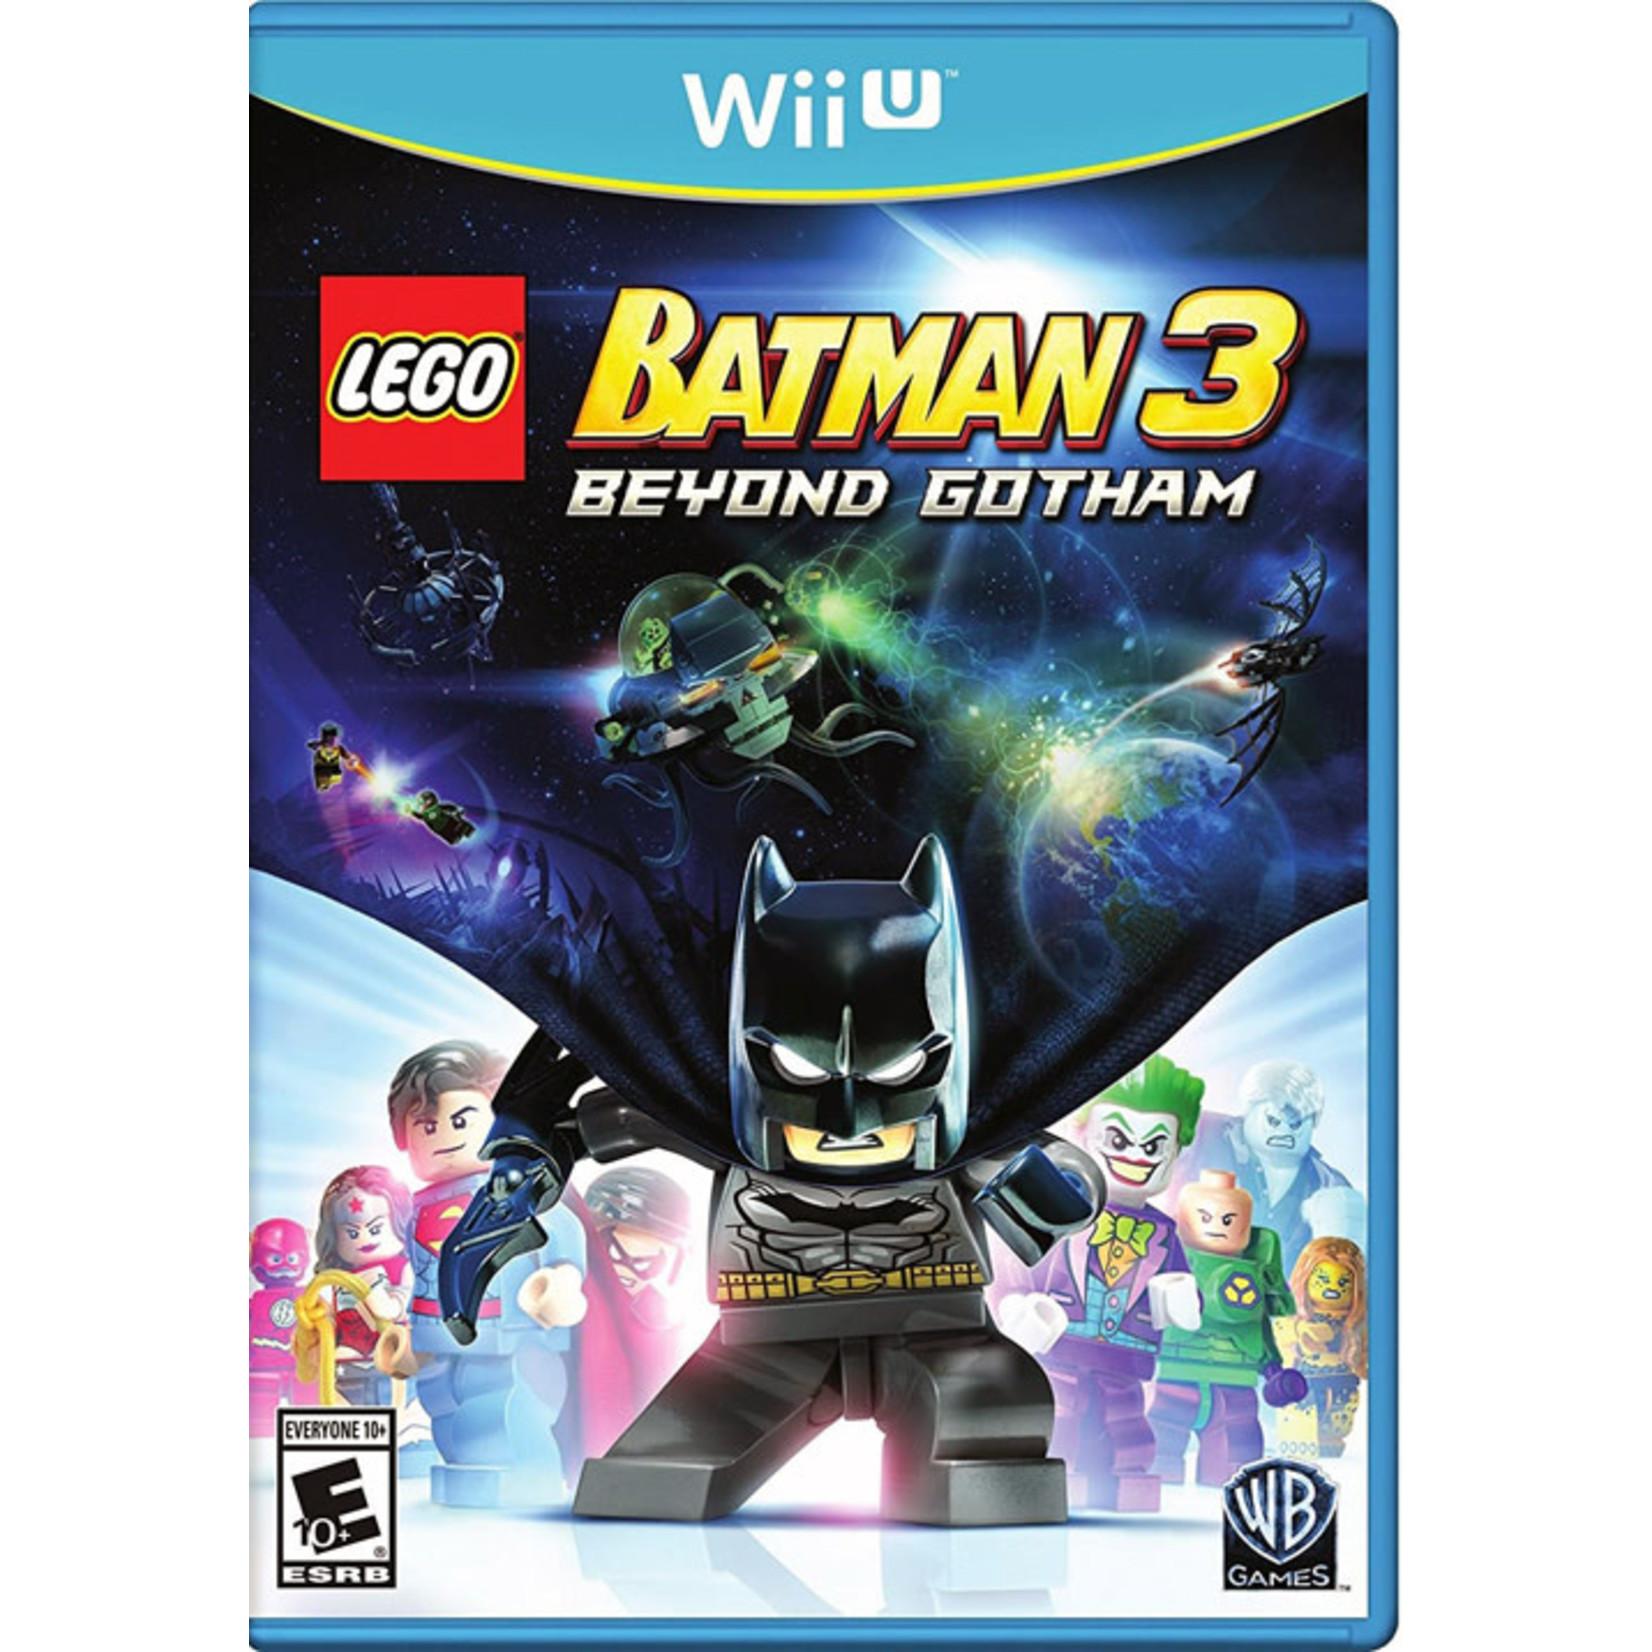 WIIU-LEGO Batman 3: Beyond Gotham